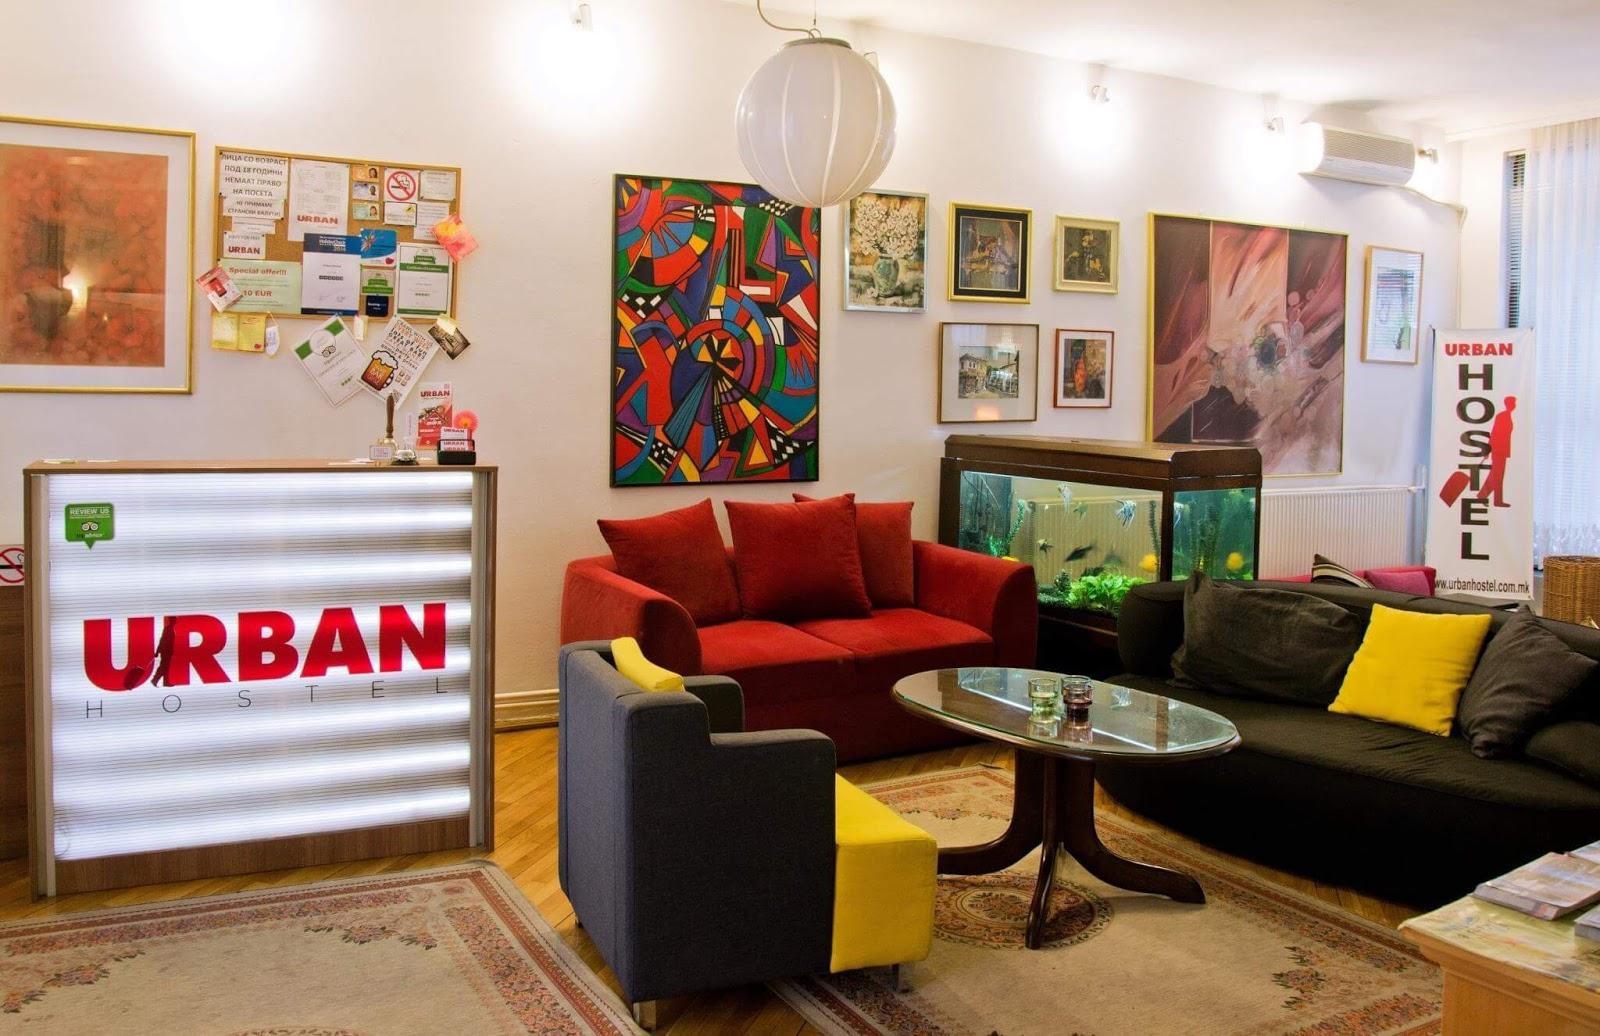 Urban Hostel Üsküp Makedonya